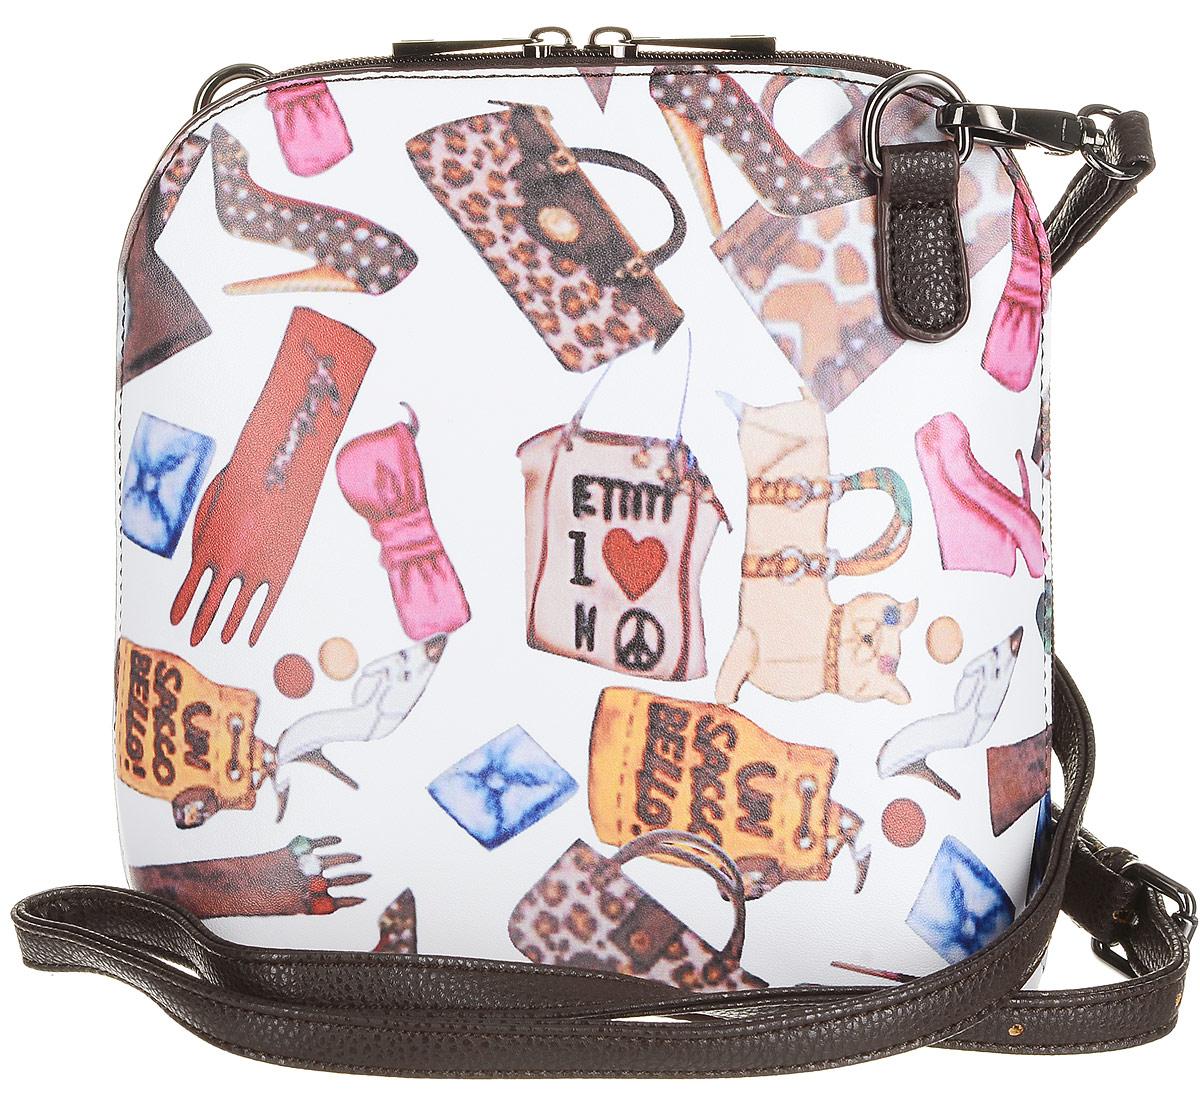 Сумка детская Vitacci, цвет: коричневый, белый. 21085-921085-9Детская стильная сумочка Vitacci выполнена из искусственной кожи. Сумка имеет одно вместительное отделение и застегивается на застежку-молнию. Внутри модель дополнена двумя втачными карманами на молнии и одним накладным открытым кармашком. Тыльная сторона сумки дополнена внешним карманом на застежке-молнии. Модель оформлена оригинальным принтом. Сумка оснащена съемным наплечным ремнем, который регулируется по длине.